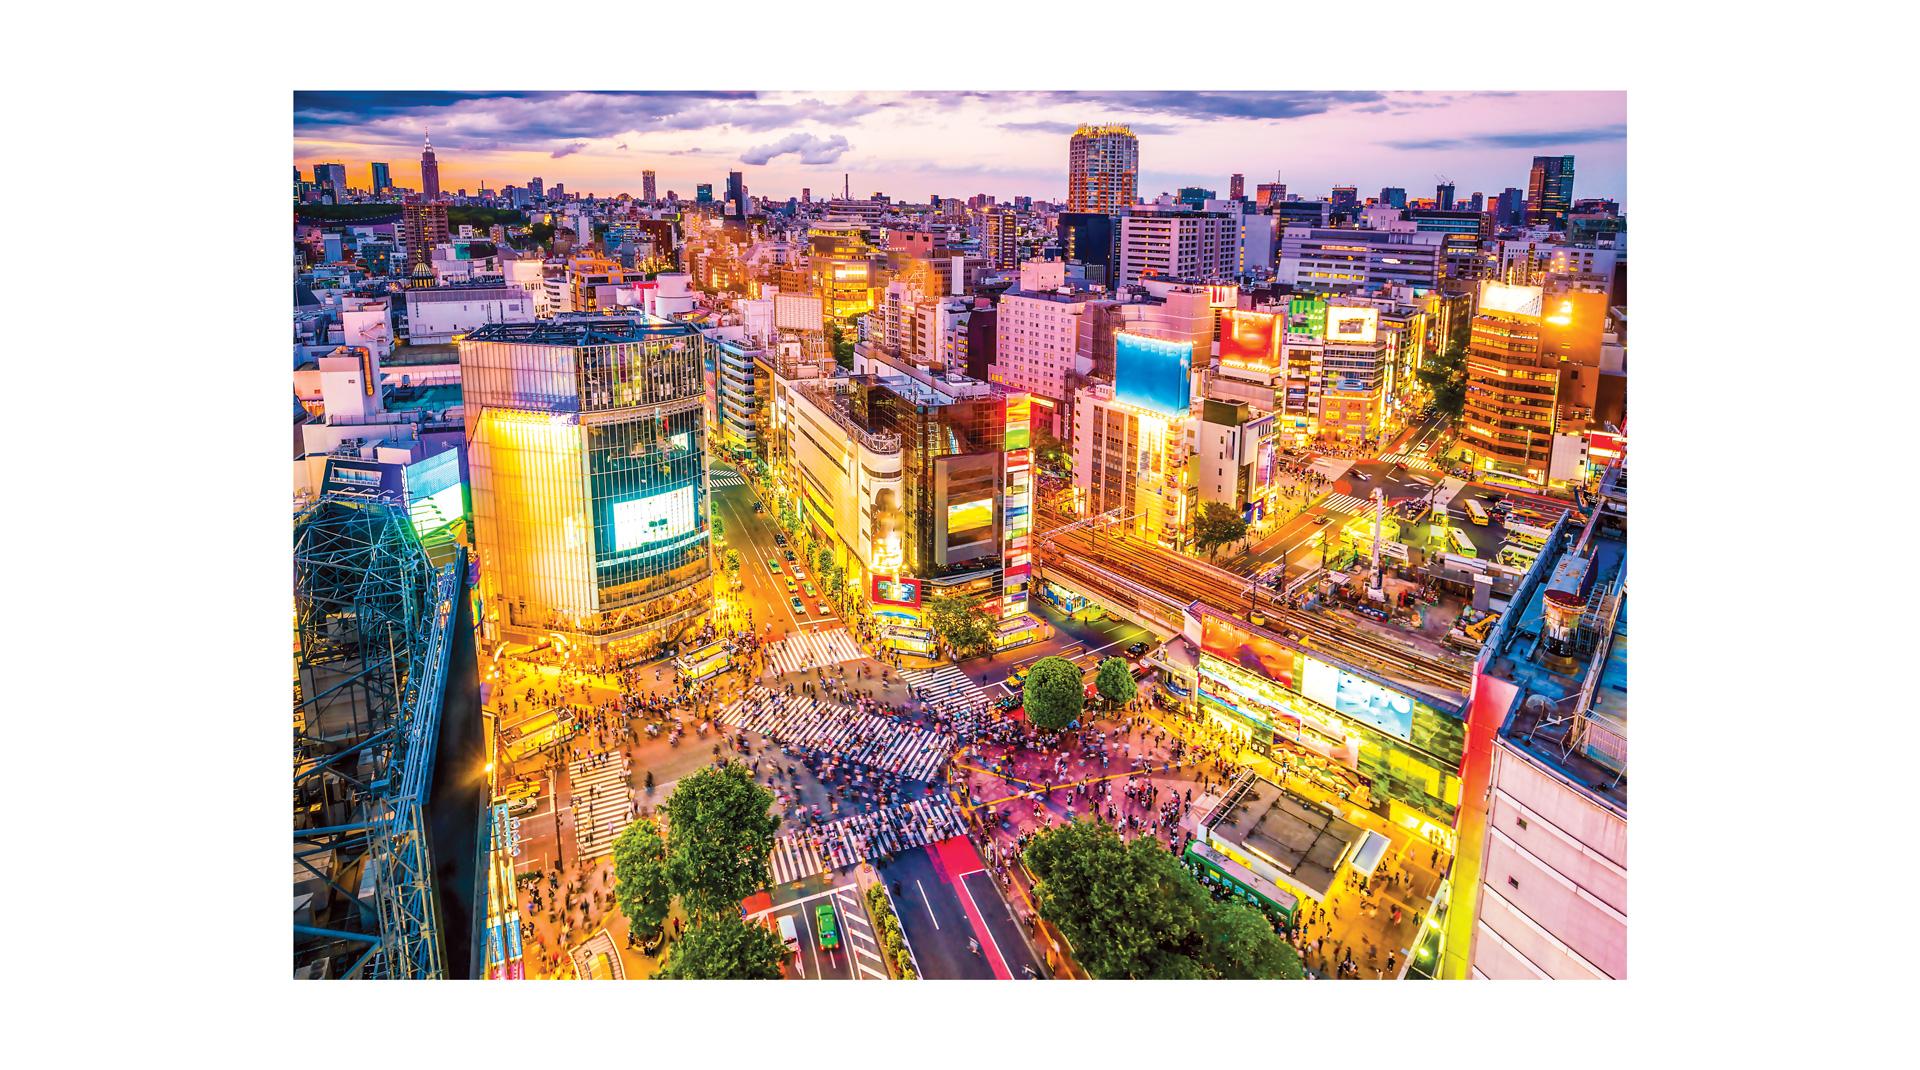 Những khu phố  độc đáo và hiện đại tại Tokyo ảnh 1